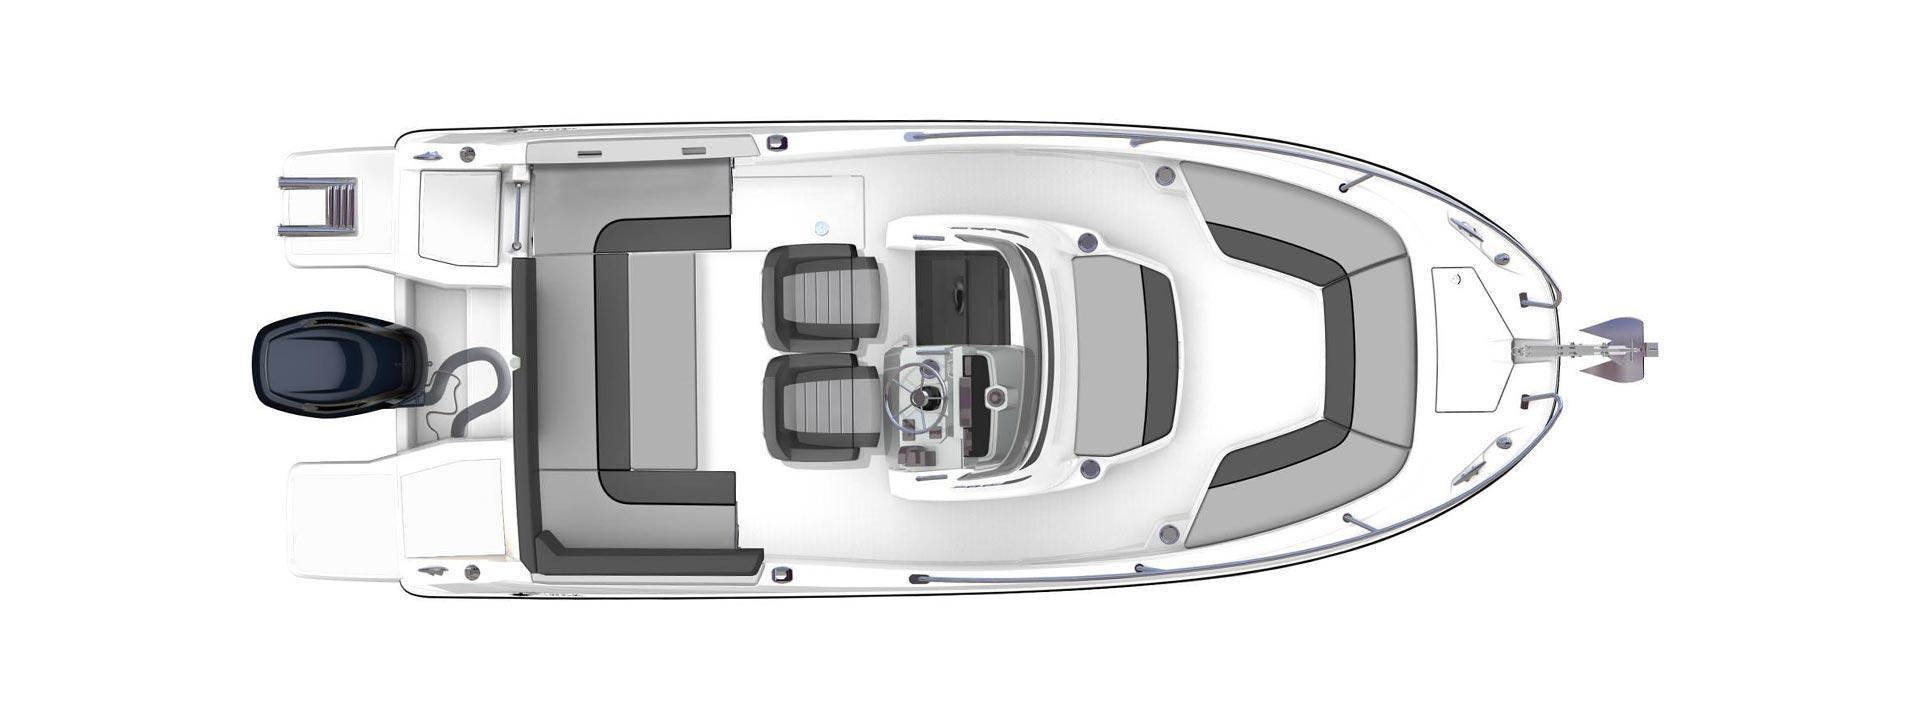 mayer-charter-boat-header-jeanneau-cap-camarat-6.5-03